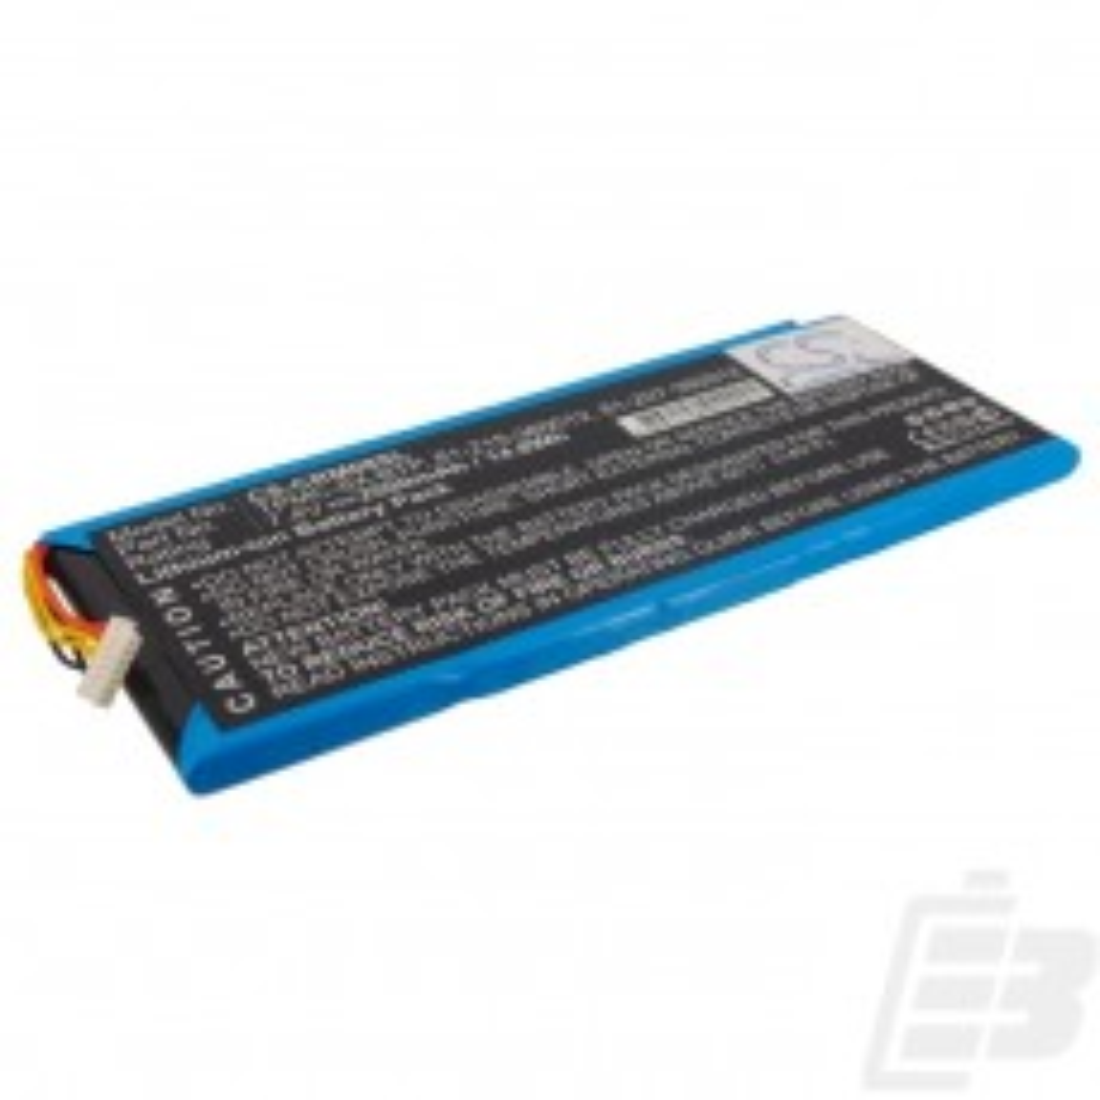 Μπαταρία remote control Crestron TPMC-8X_1